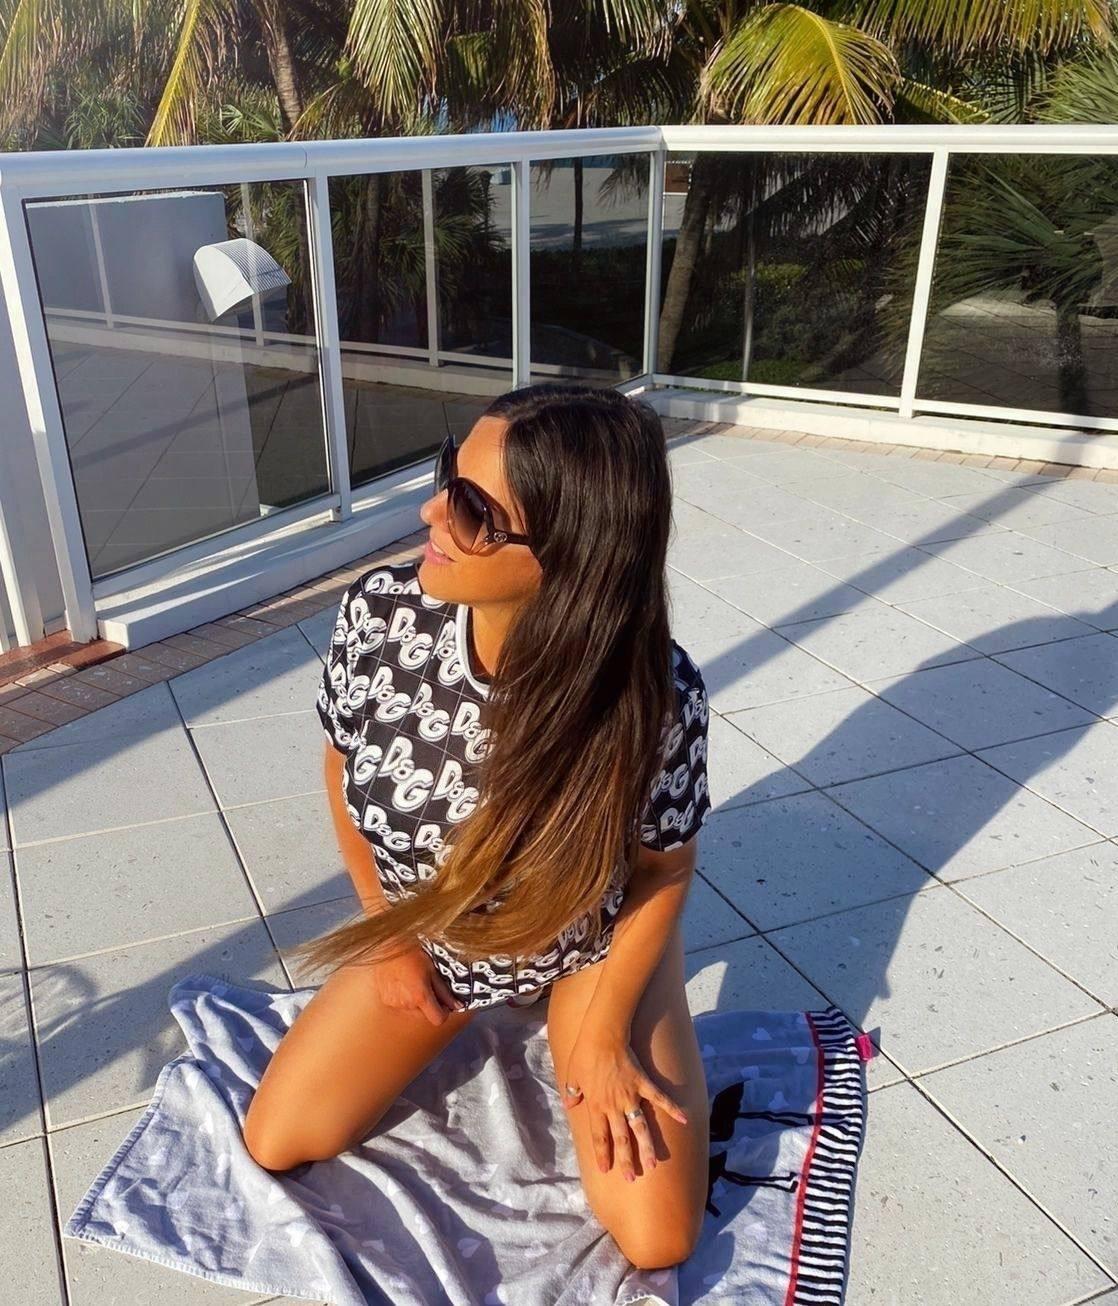 Claudia Romani – Sexy Body In Tiny Black Bikini 0008